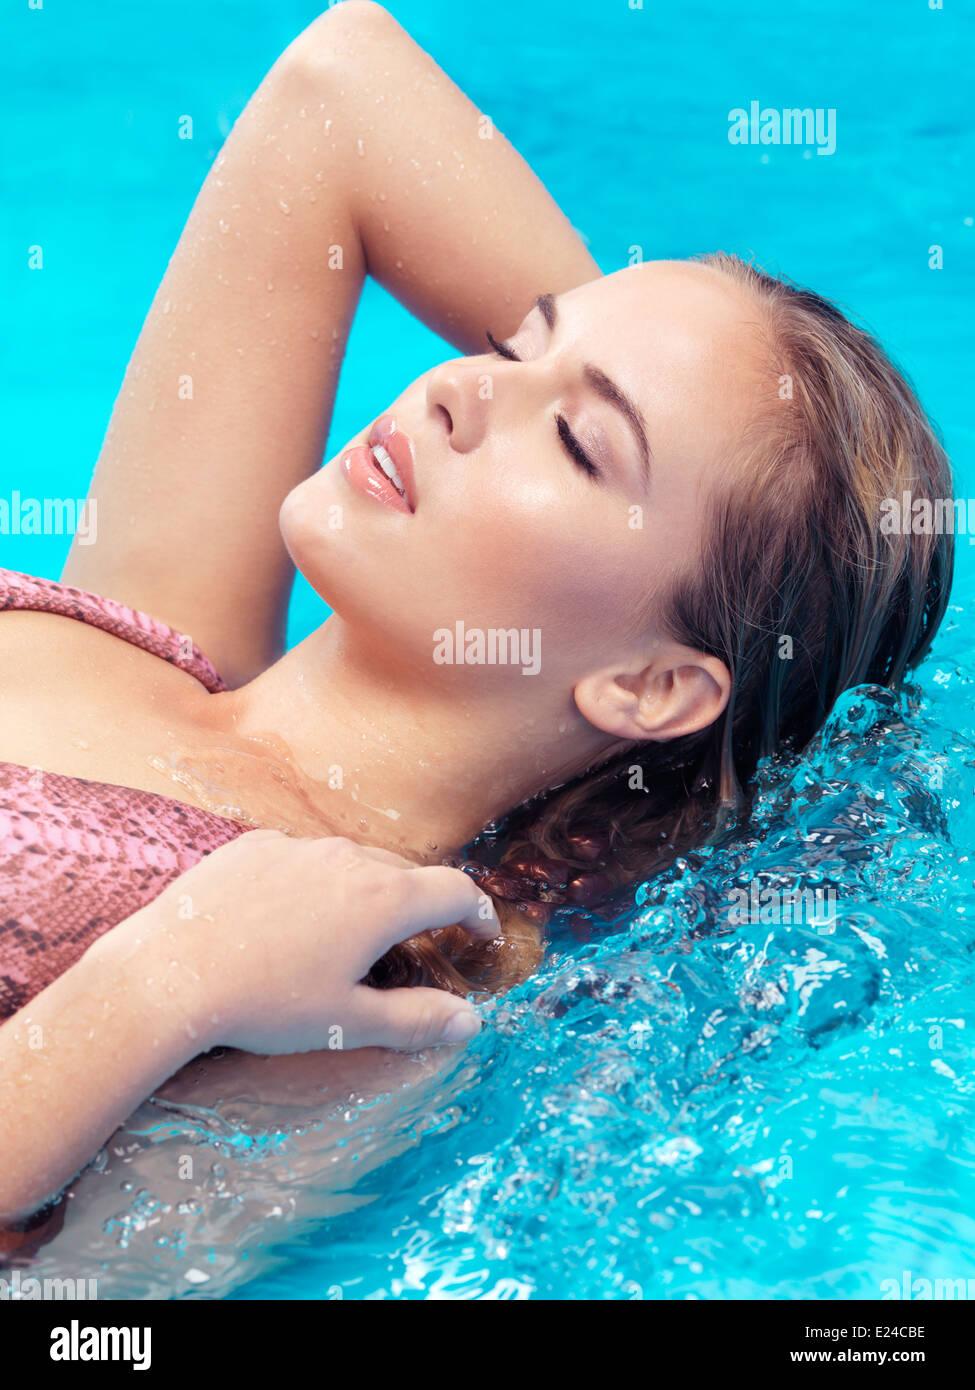 Primer plano de una bella joven rostro con ojos cerrados en agua azul Imagen De Stock